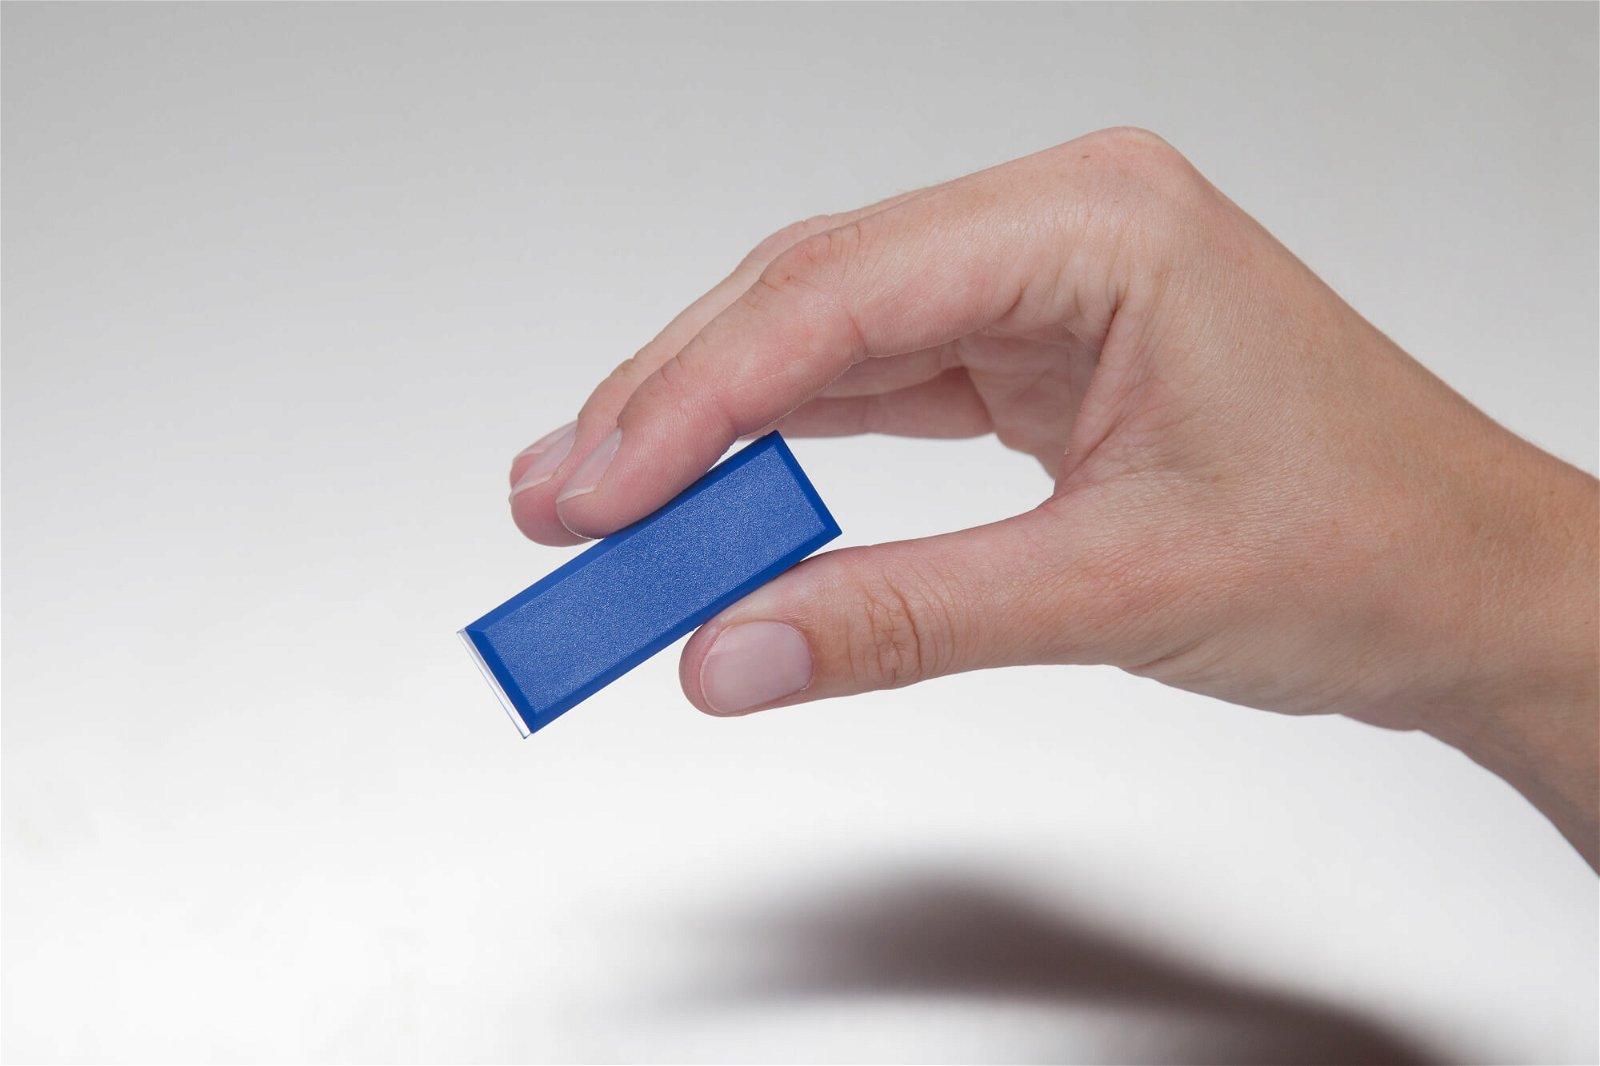 Facetterand-Magnet MAULpro 53 x 18 mm, 1 kg, 20 St./Set, blau